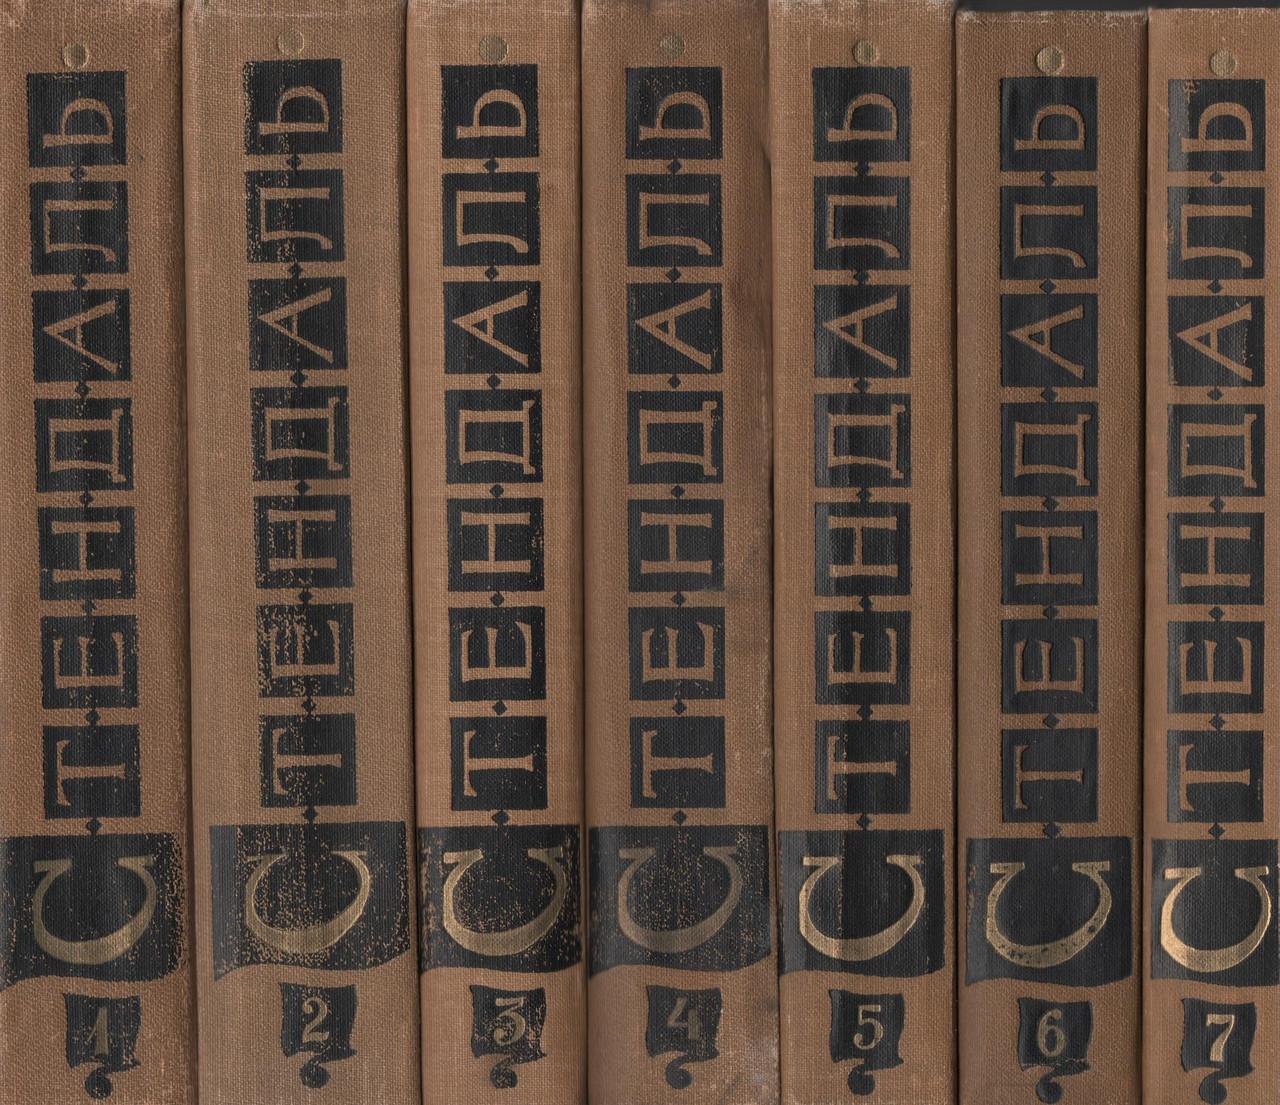 Стендаль. Собрание сочинений в 15-ти томах